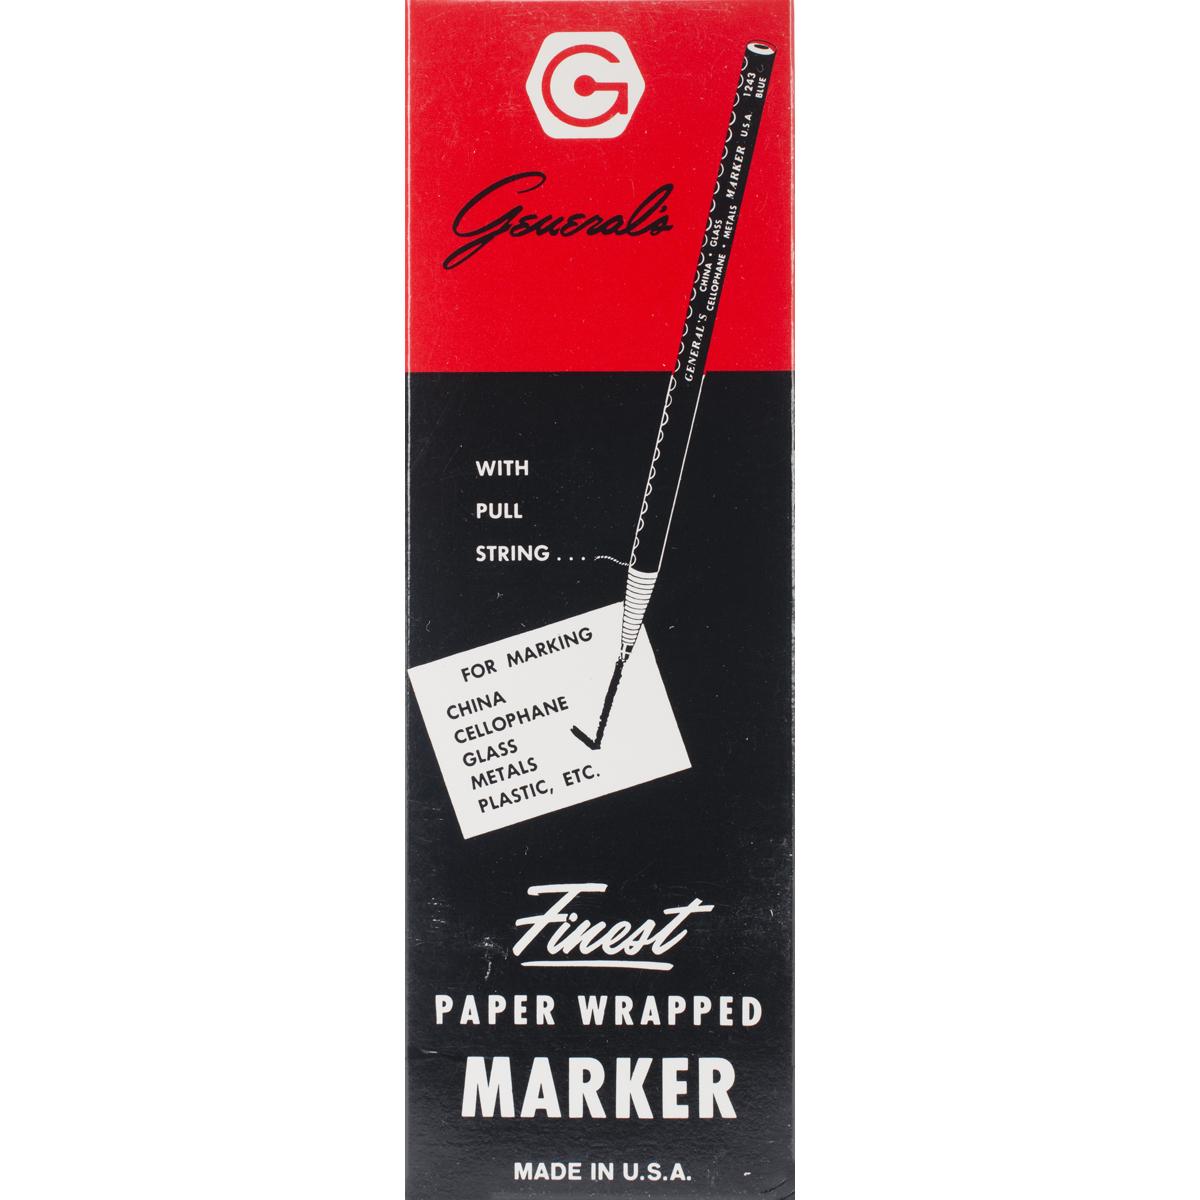 China Marker Multi-Purpose Grease Pencil-White